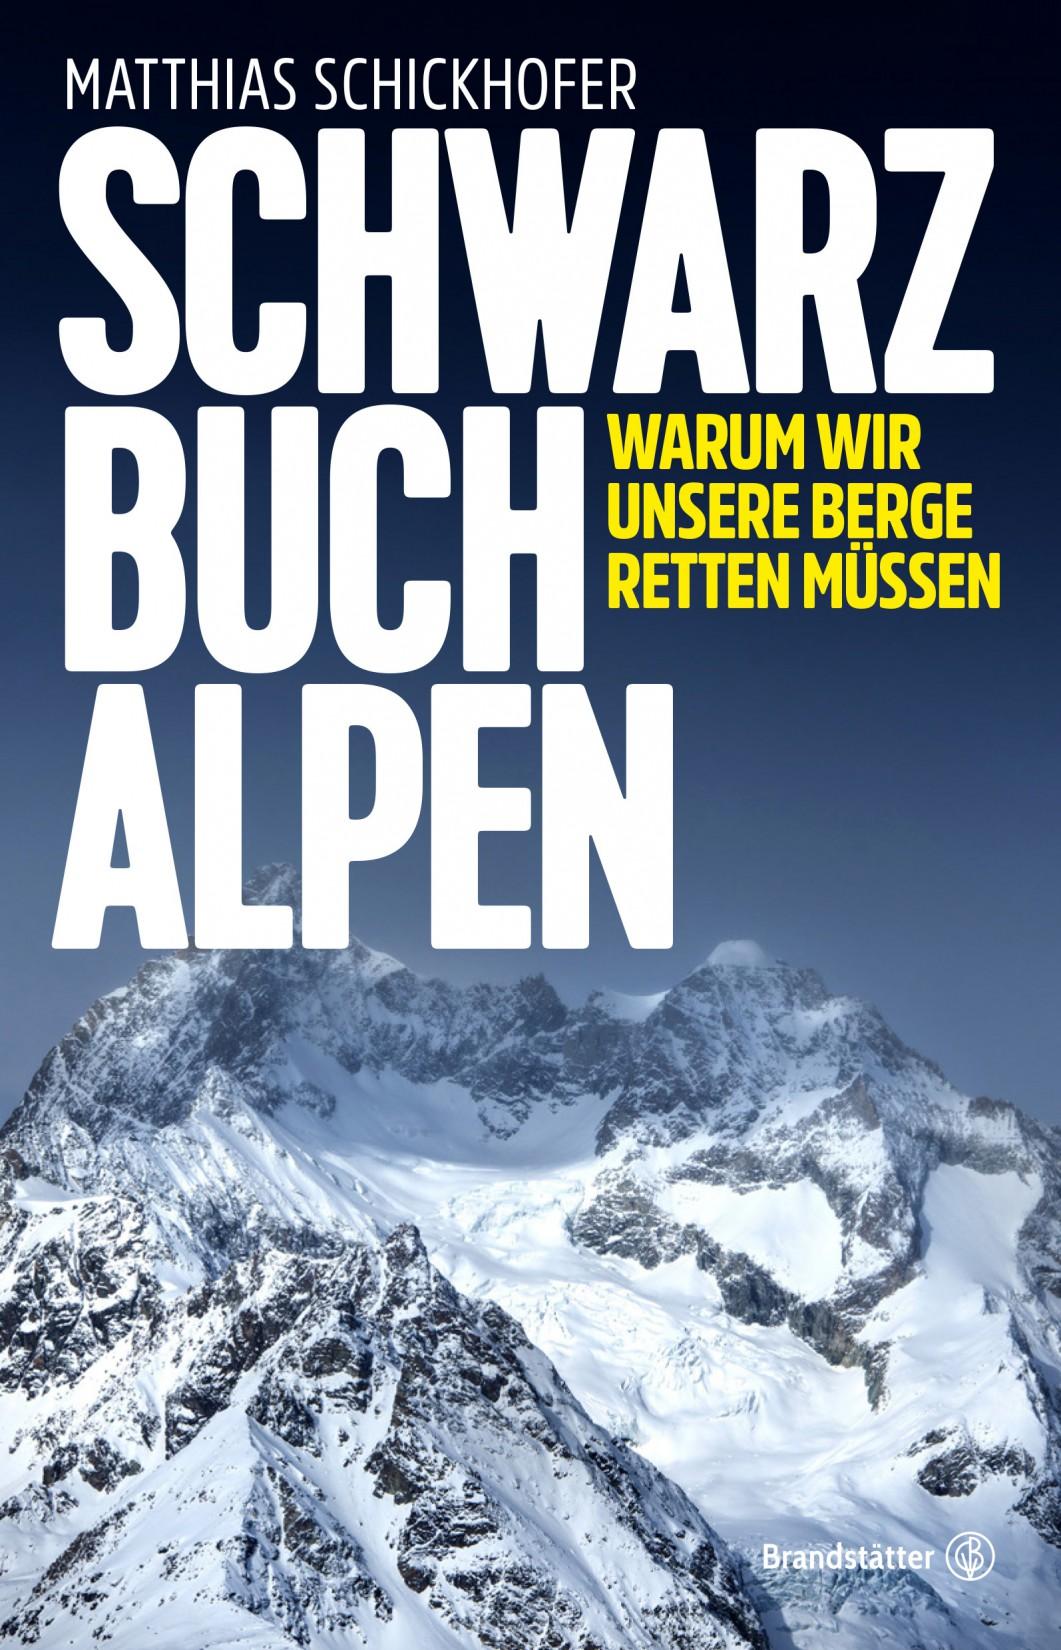 Schwarzbuch Alpen Bucherscheinung